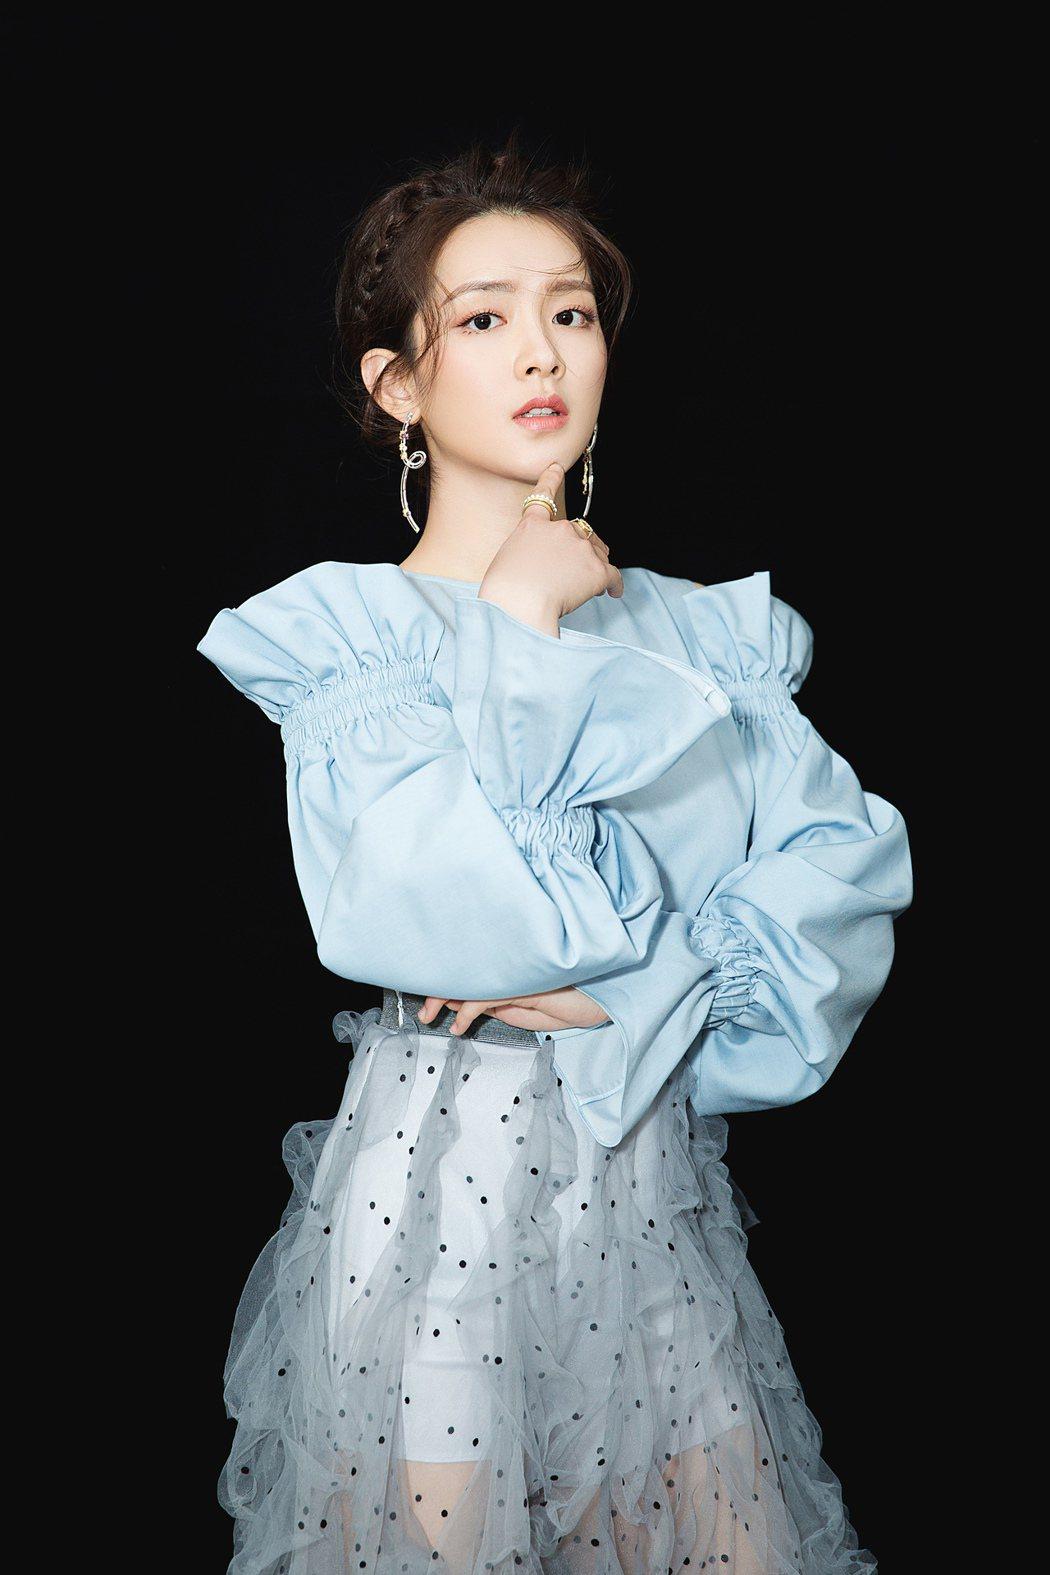 舒妃陳昊宇目前演出「九州縹緲錄」。圖/LiTV提供